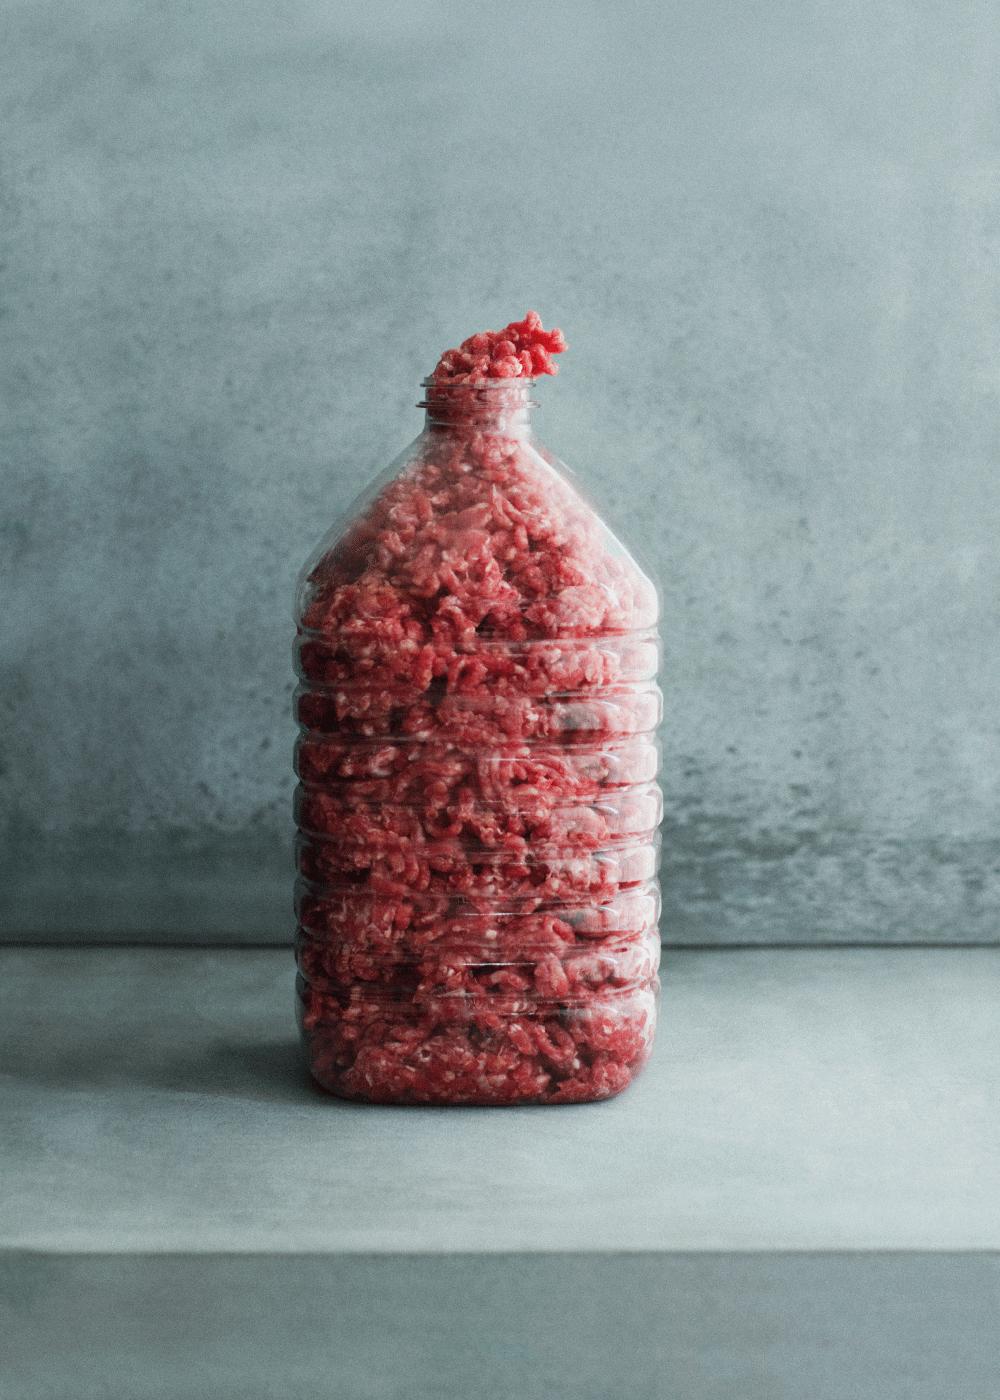 Billede af Bottle of meat - Moderne kunst plakat